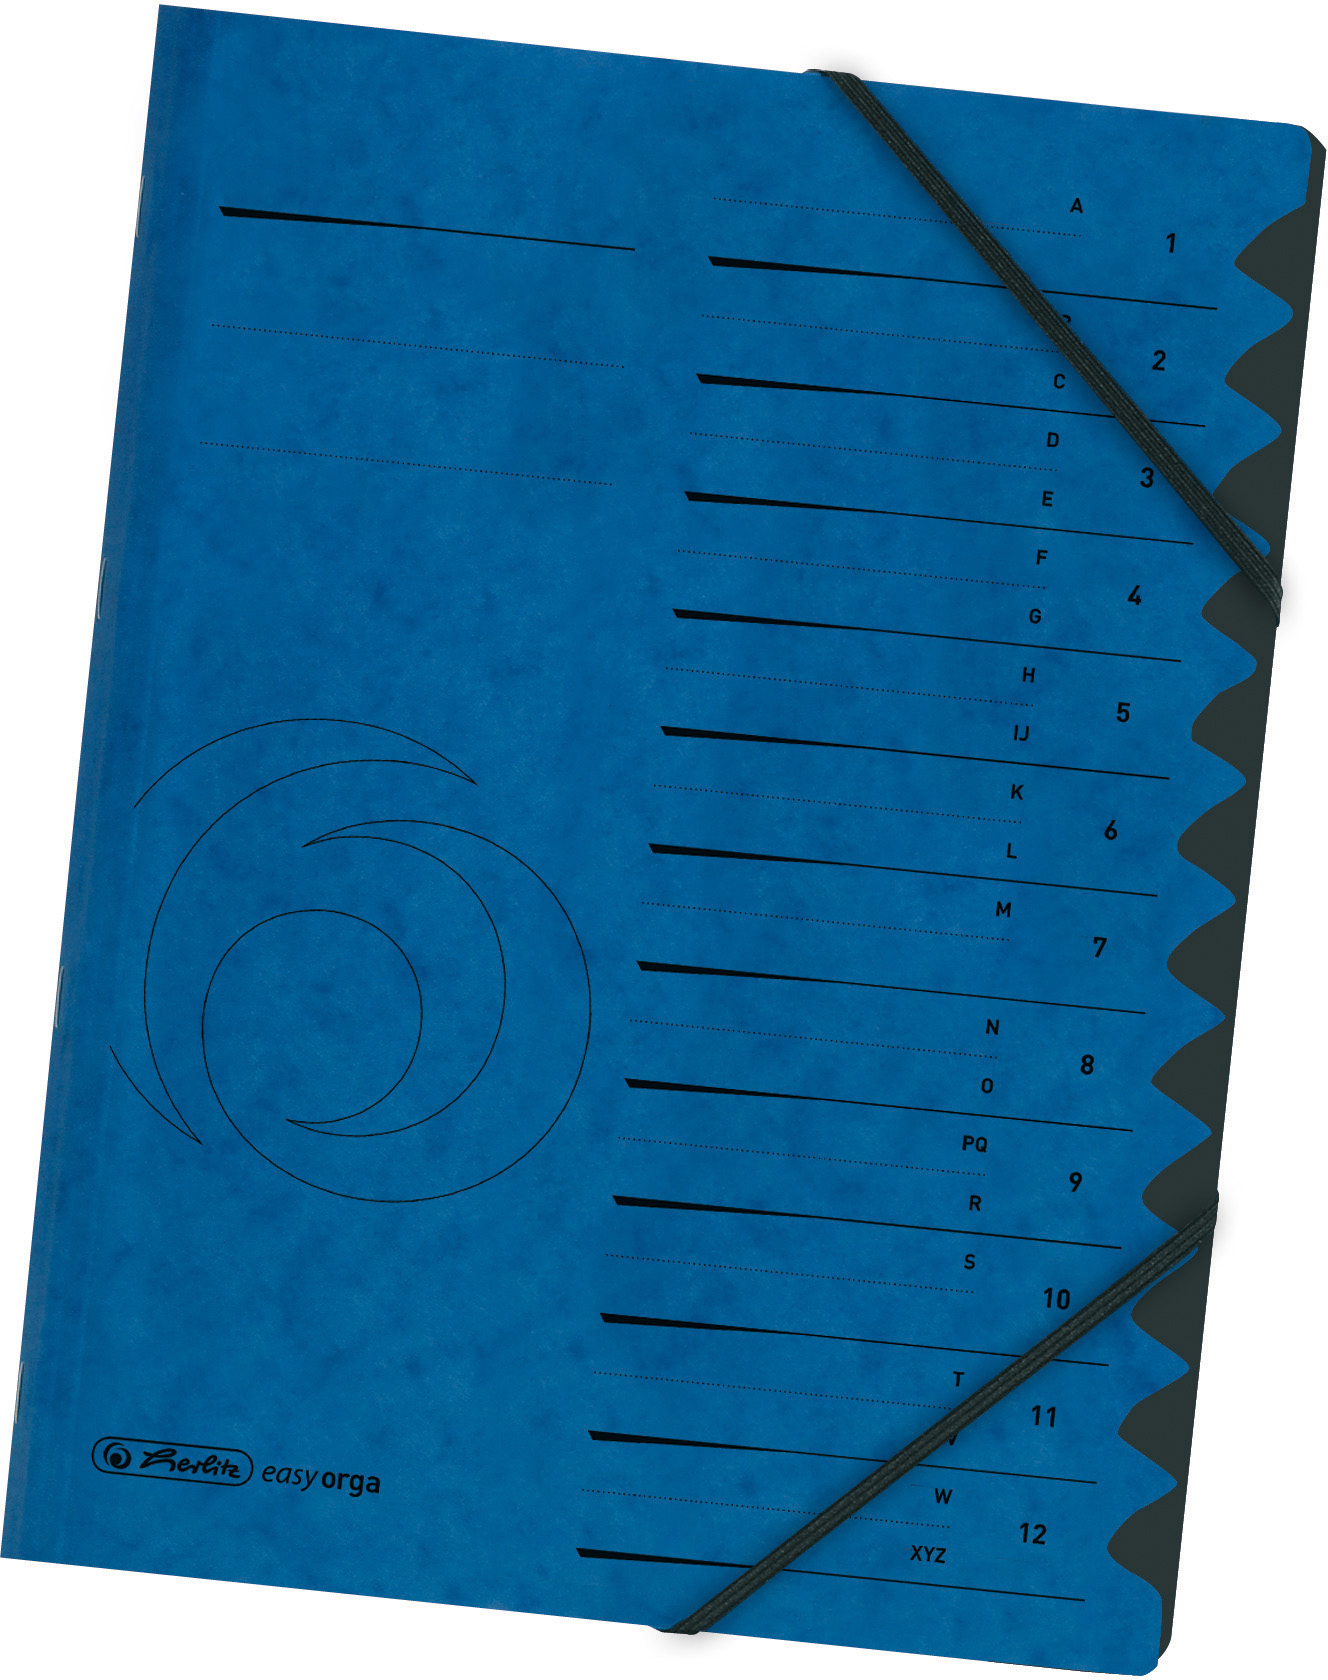 Blaue Ordnungsmappe aus Karton mit 12 Fächern für Formate bis A4, mit Eckspann-Gummizügen, 355 g/qm